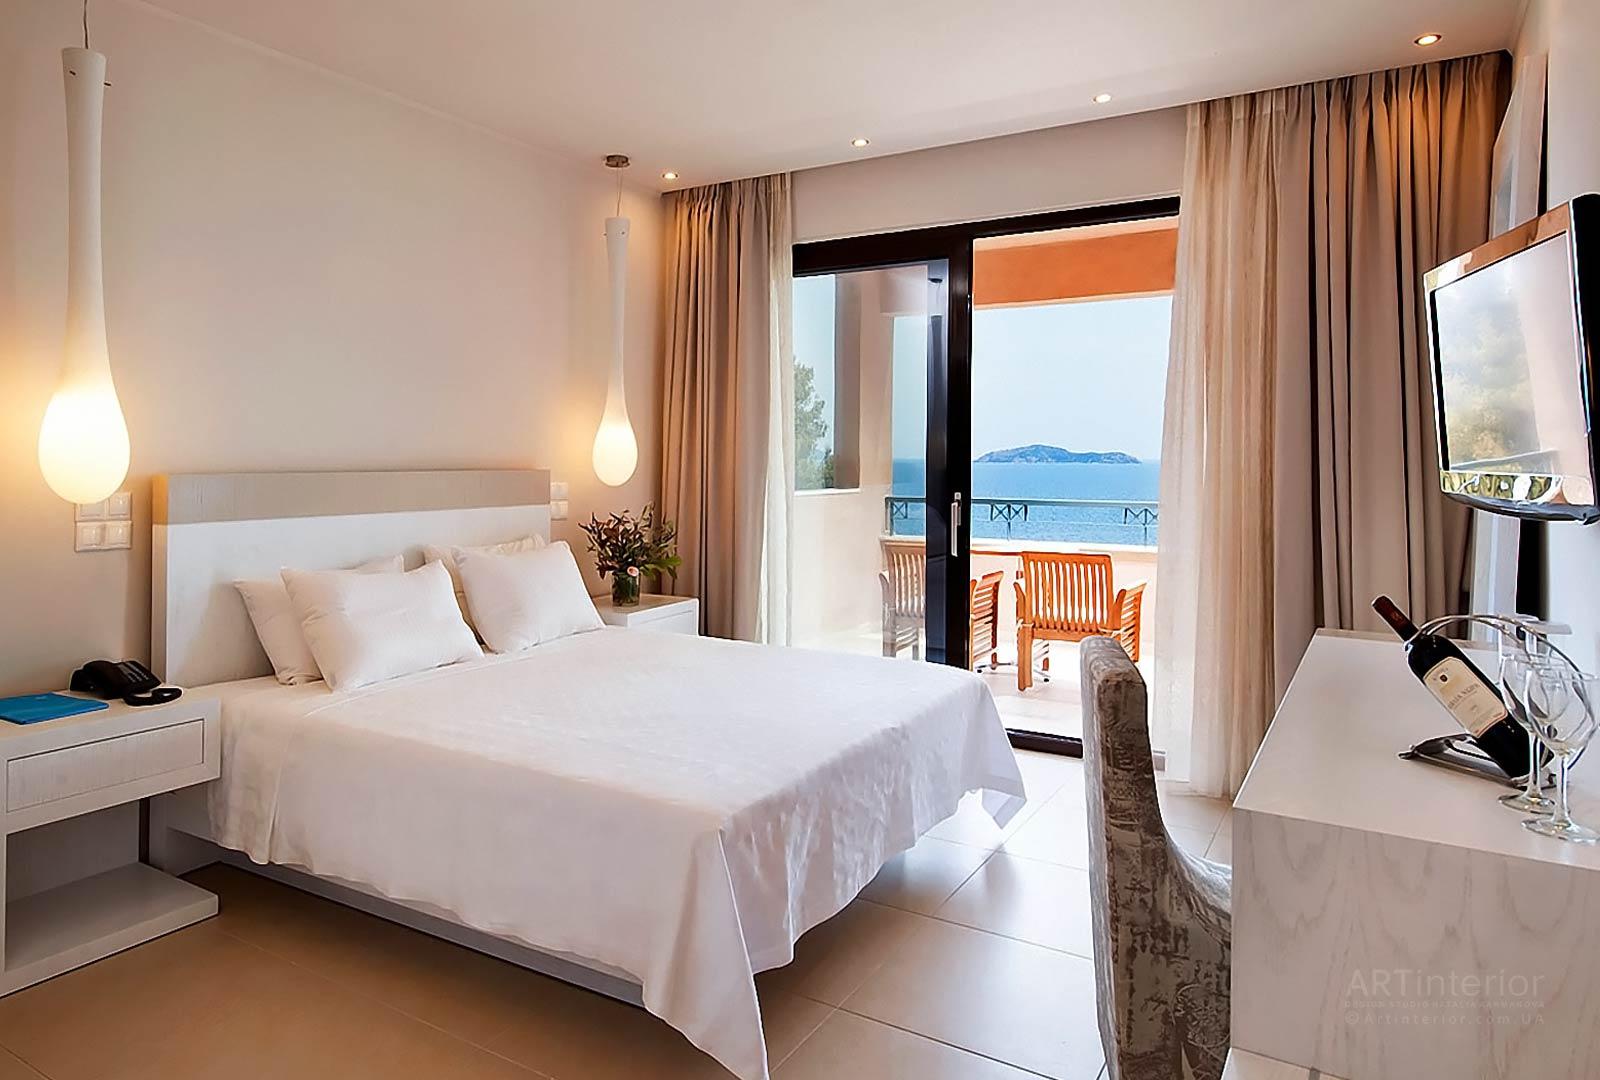 Дизайн на заказ спальни